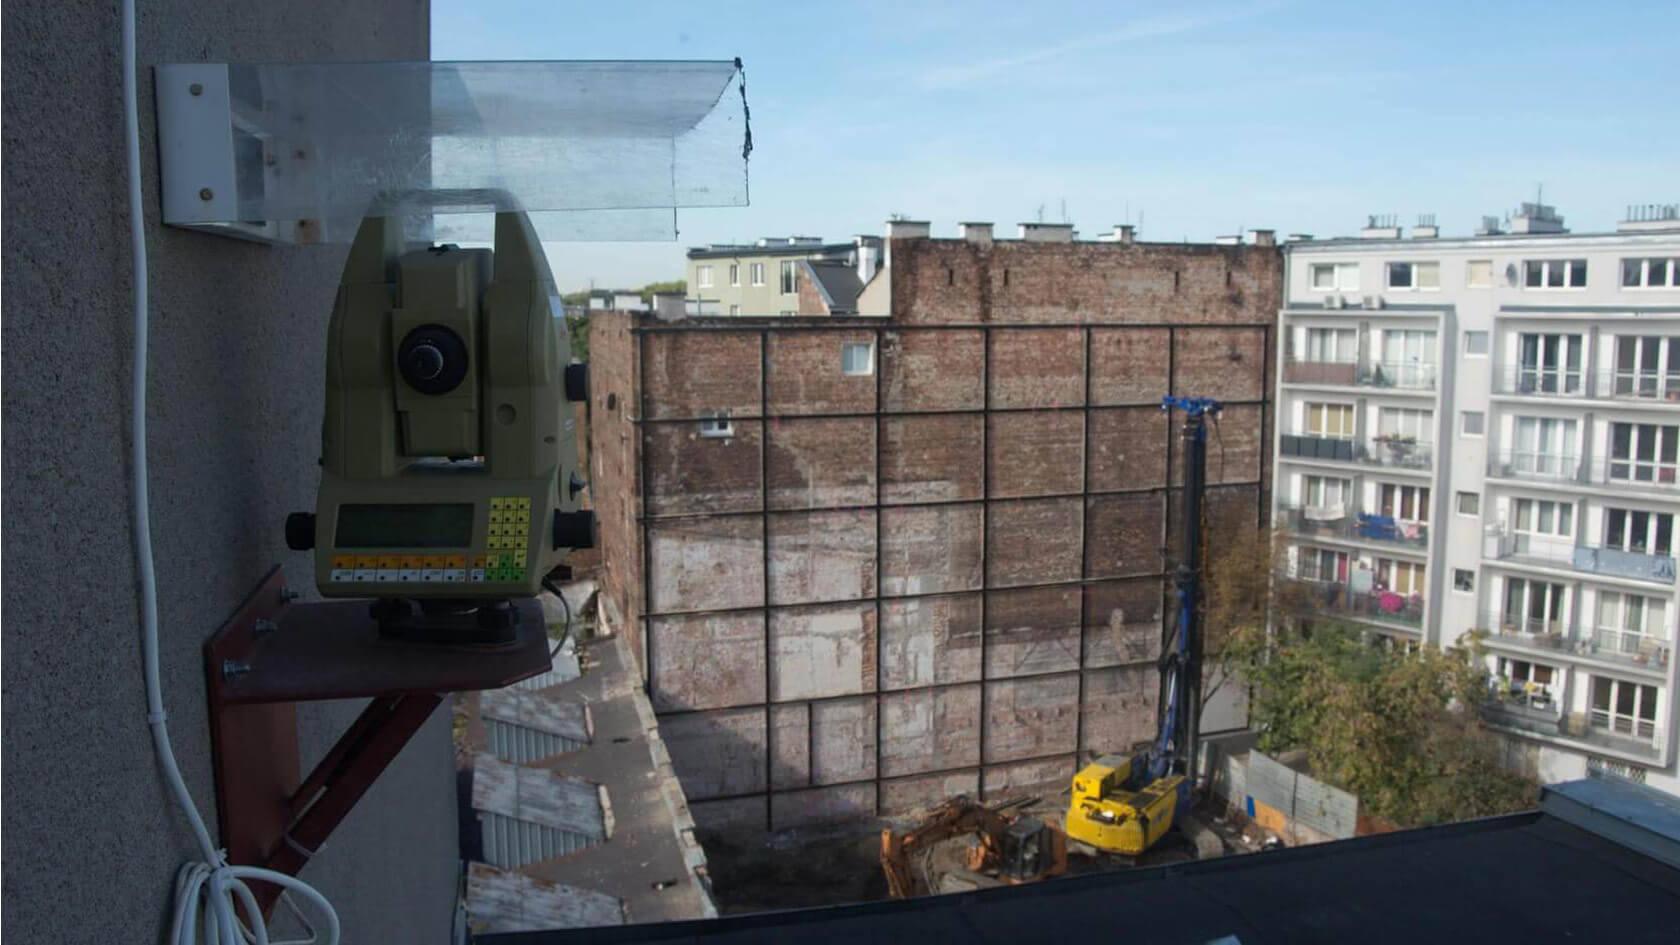 Praga Północ - Warwszawa, monitoring przedwojennej ściany szczytowej kamienicy przy pomocy tachimetru zmotoryzowanego – pomiar autmoatyczny